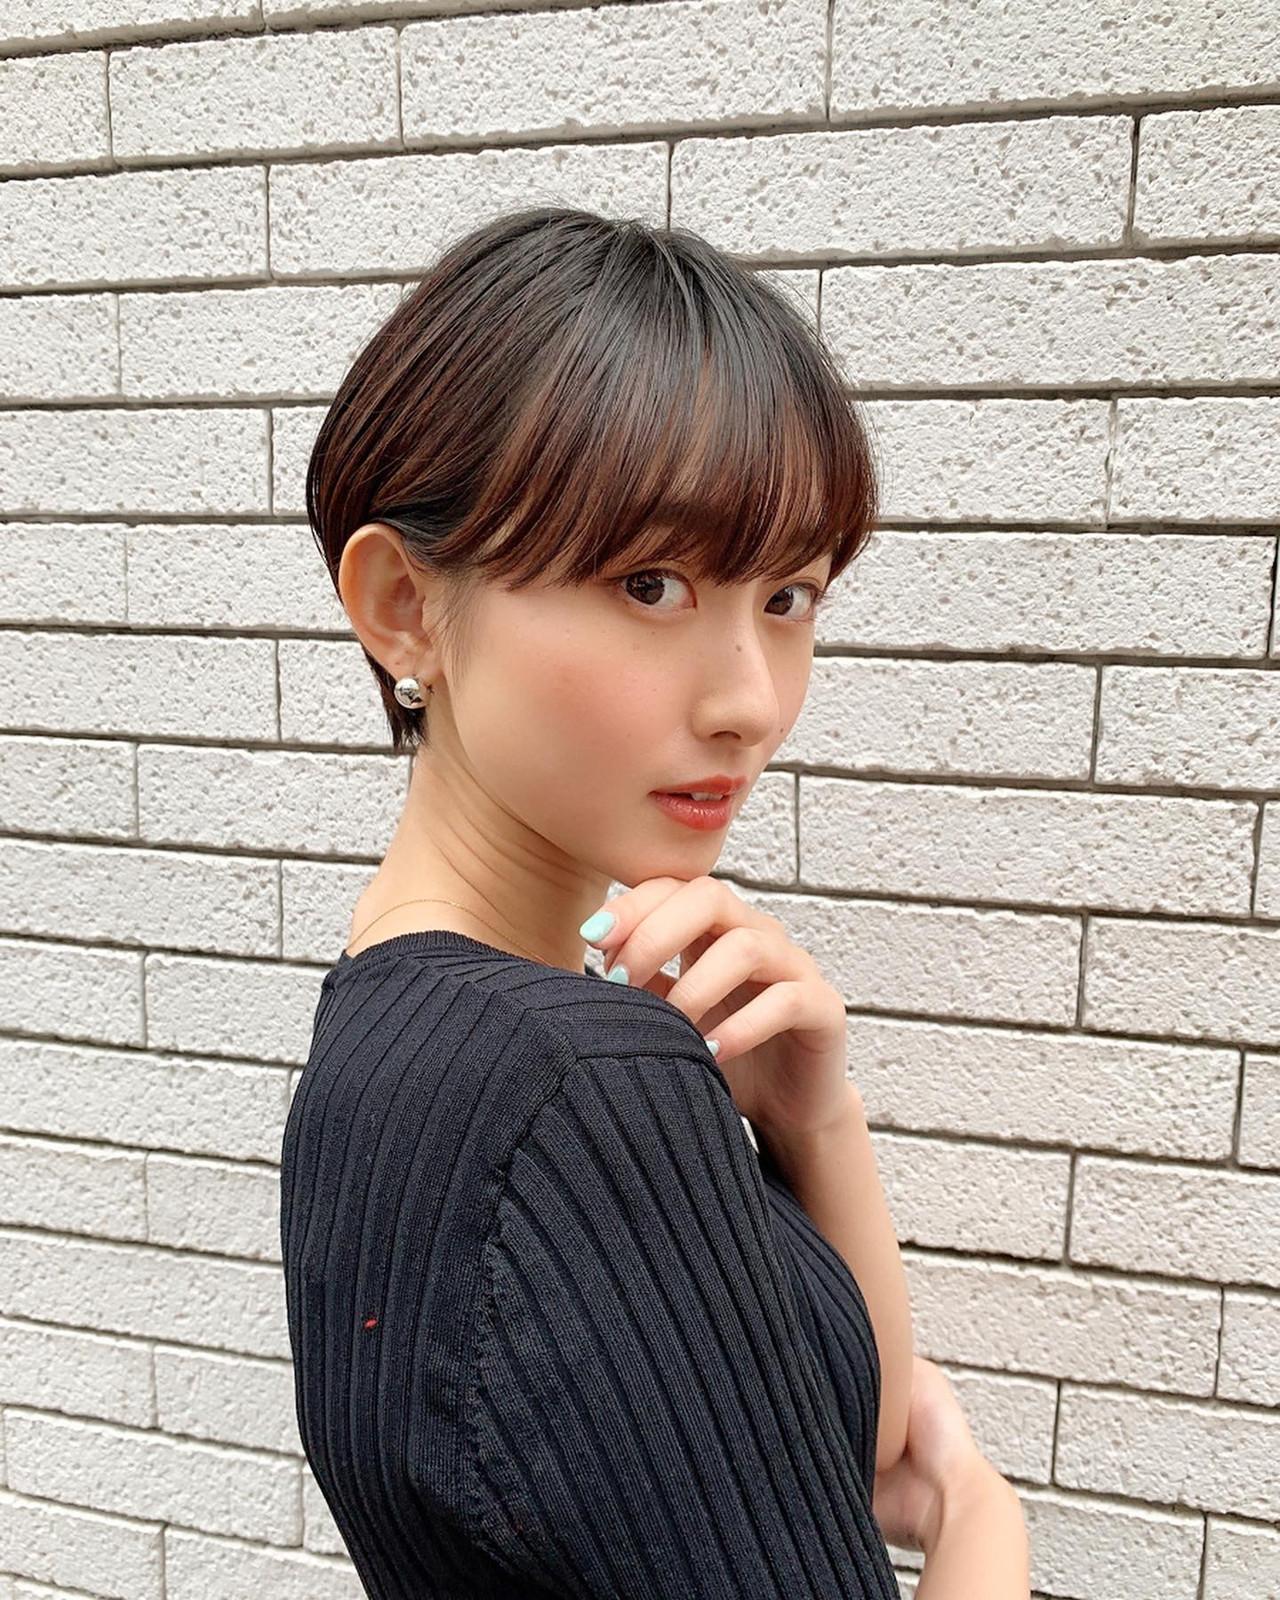 ショート ナチュラル ベリーショート ショートヘア ヘアスタイルや髪型の写真・画像 | 山口 健太 / Lond ange